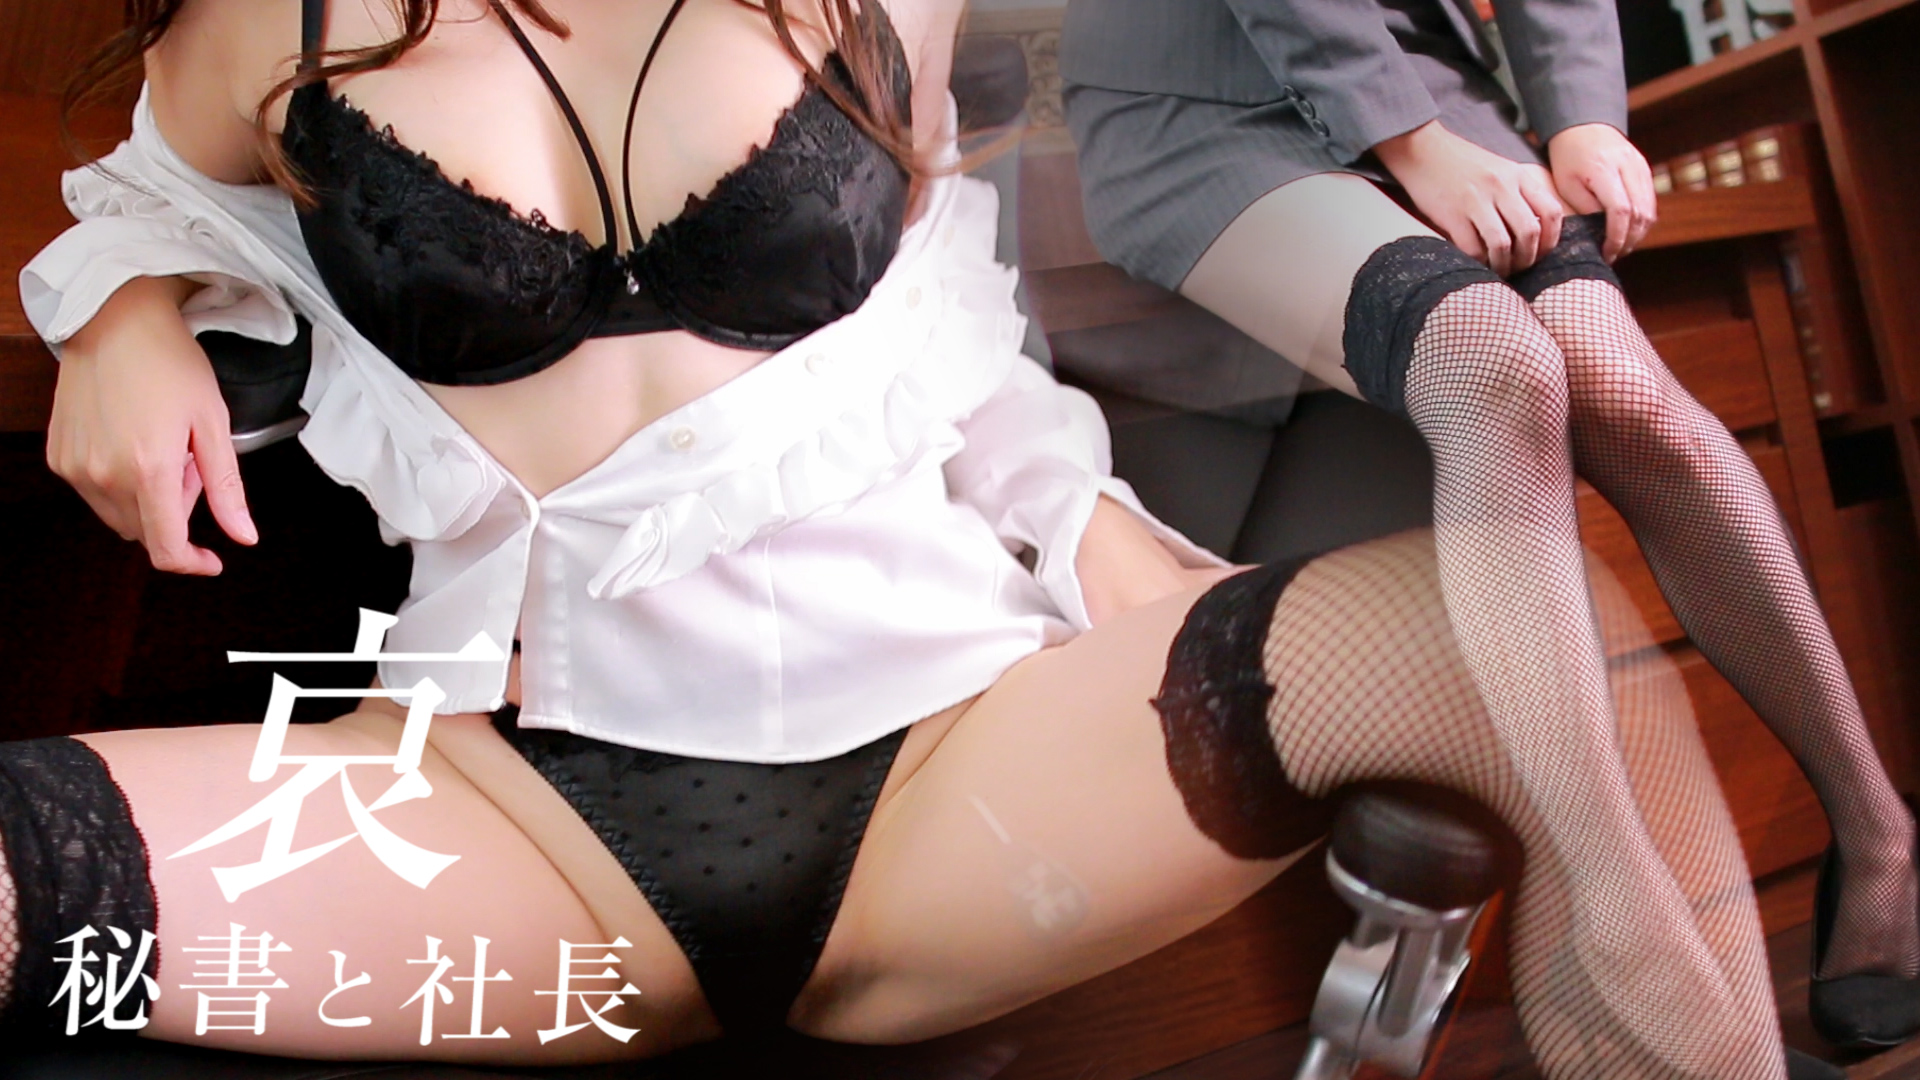 秘書と社長 哀の女の子動画